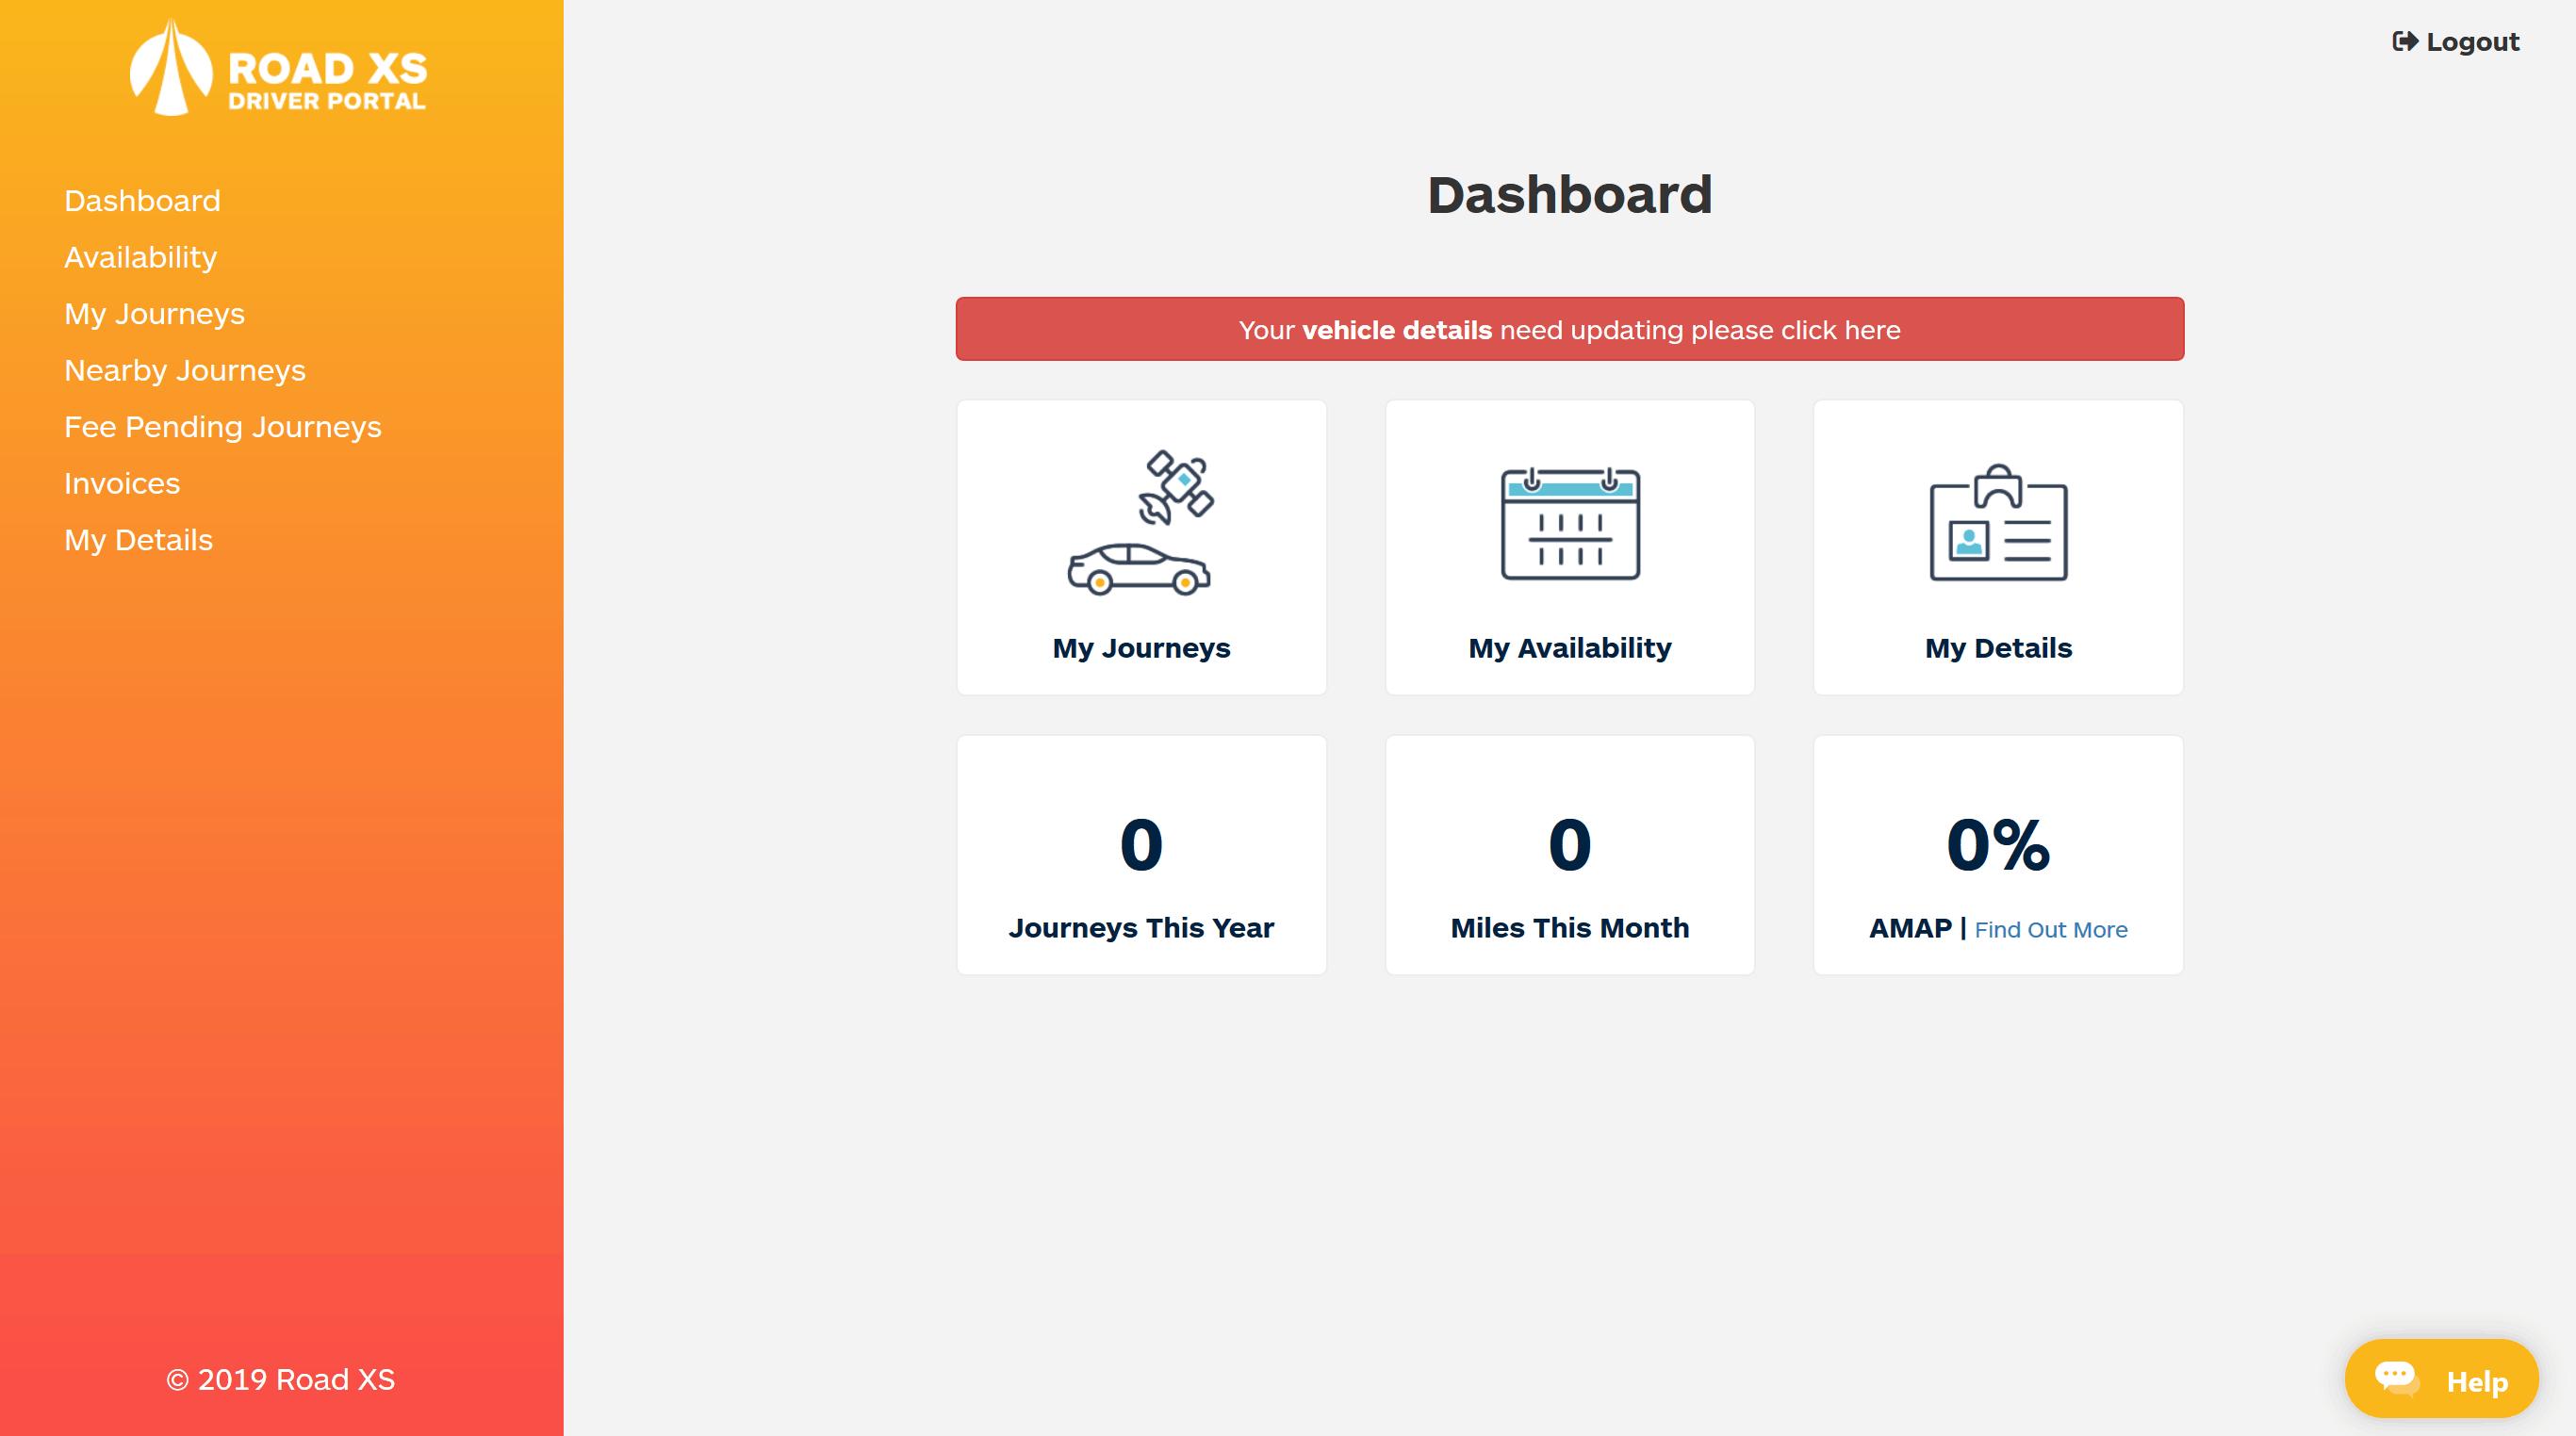 Road XS Driver Portal